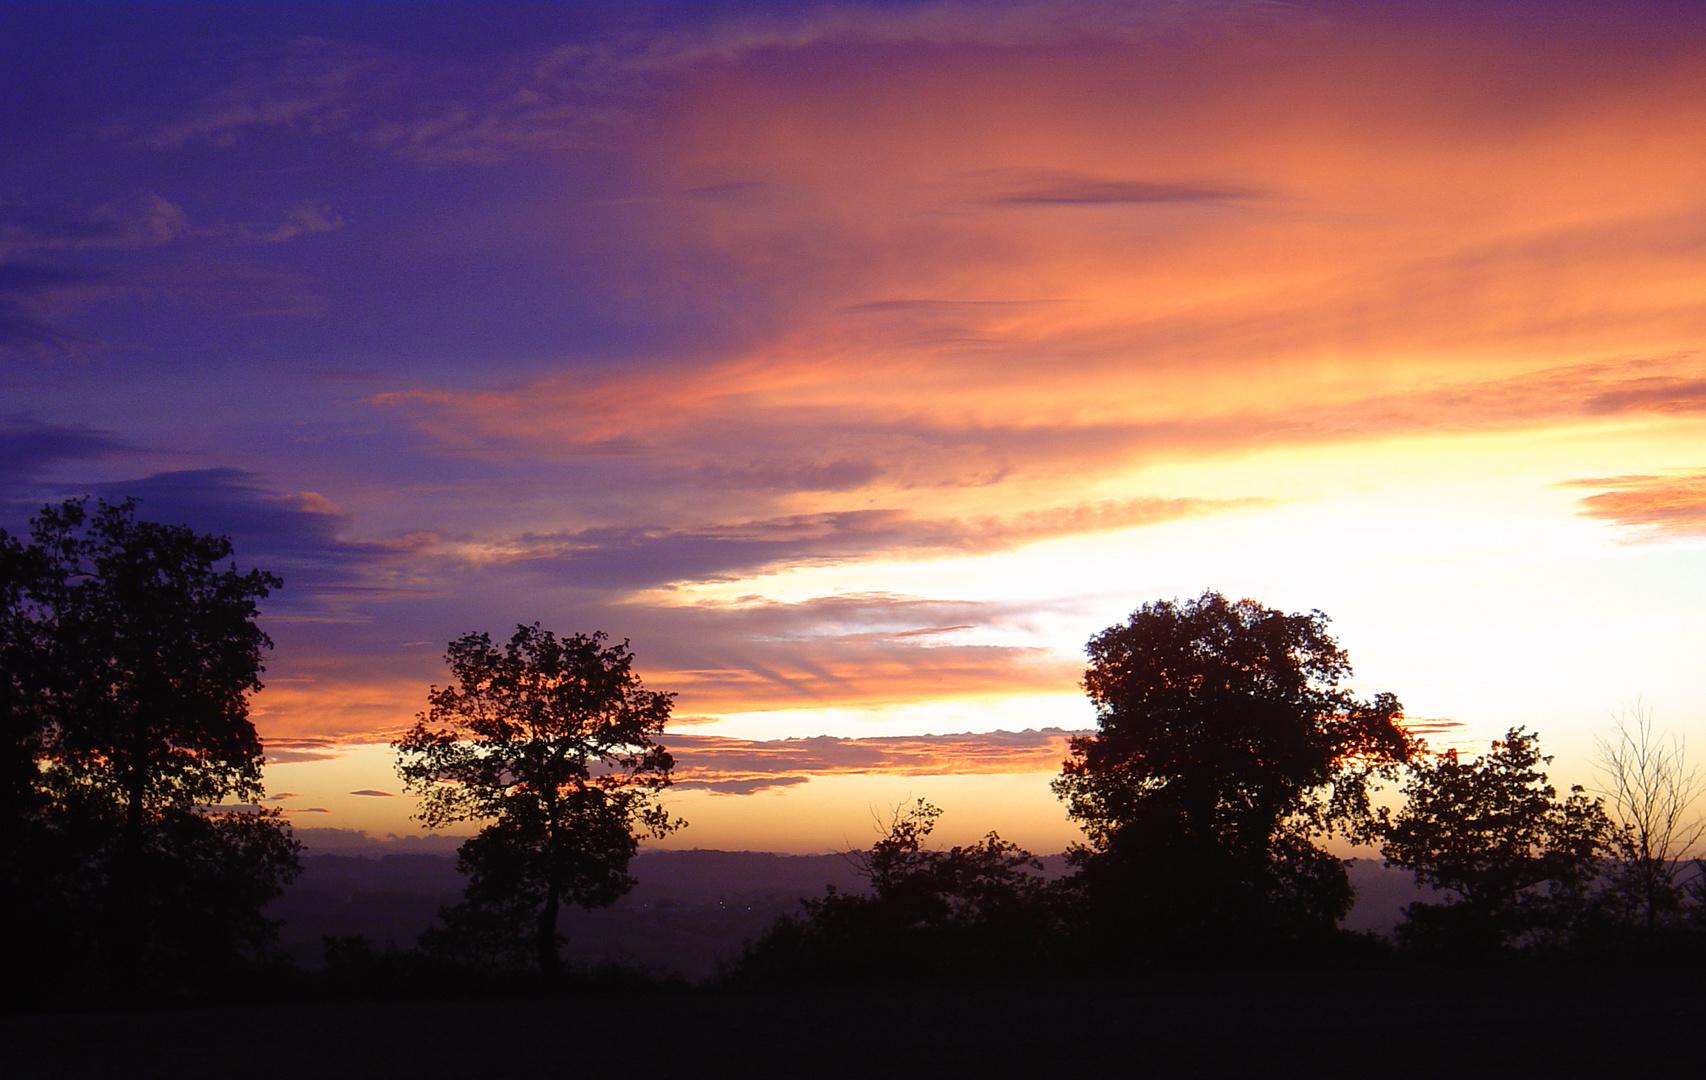 Ciel flamboyant au crépuscule…